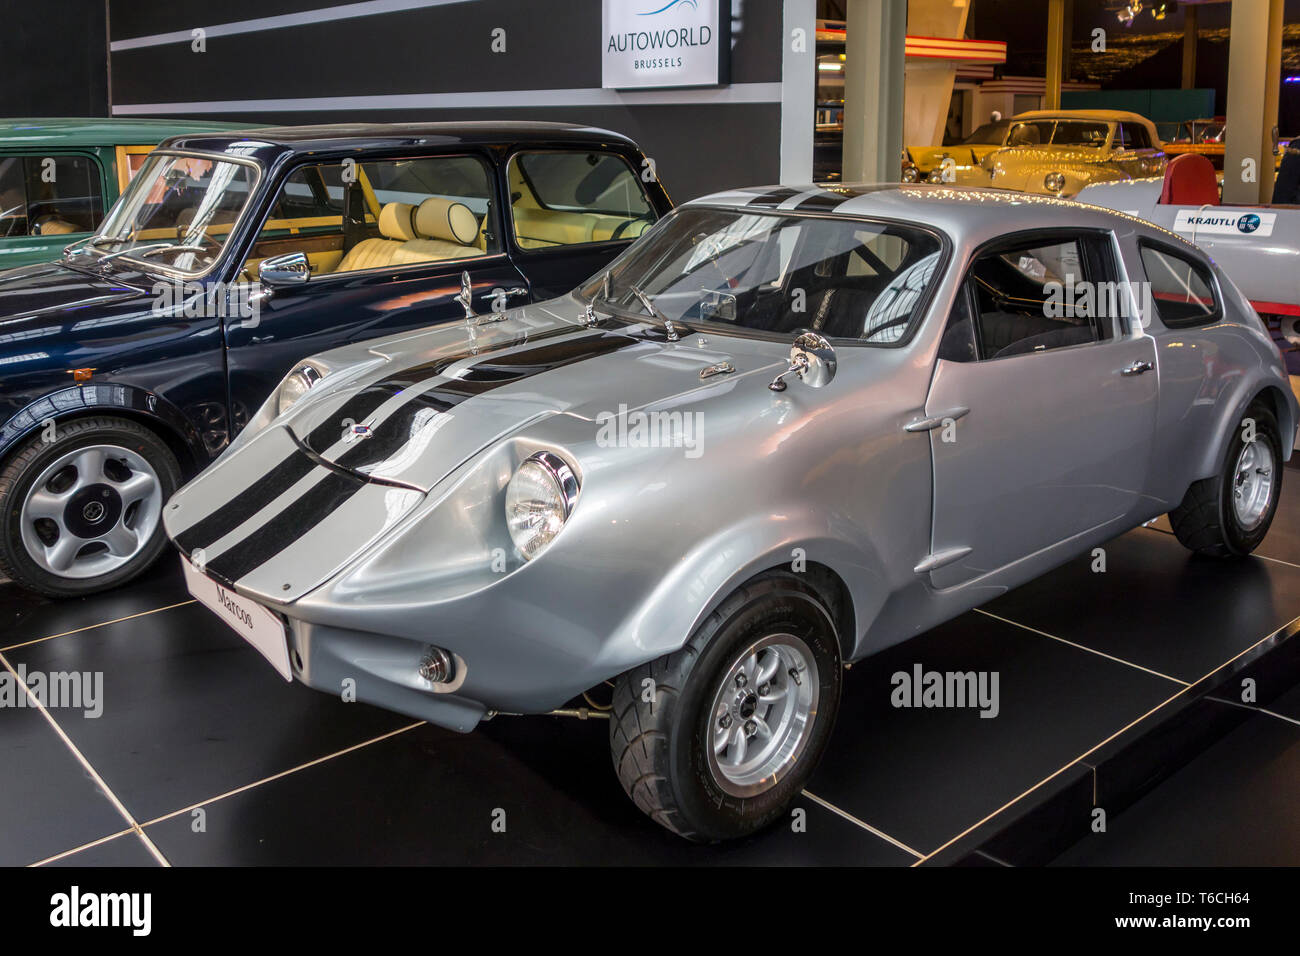 1974 Mini Cooper Mark IV / MK4, British classic 2 portes coupé voiture de sport à l'Autoworld, vintage car museum à Bruxelles, Belgique Photo Stock